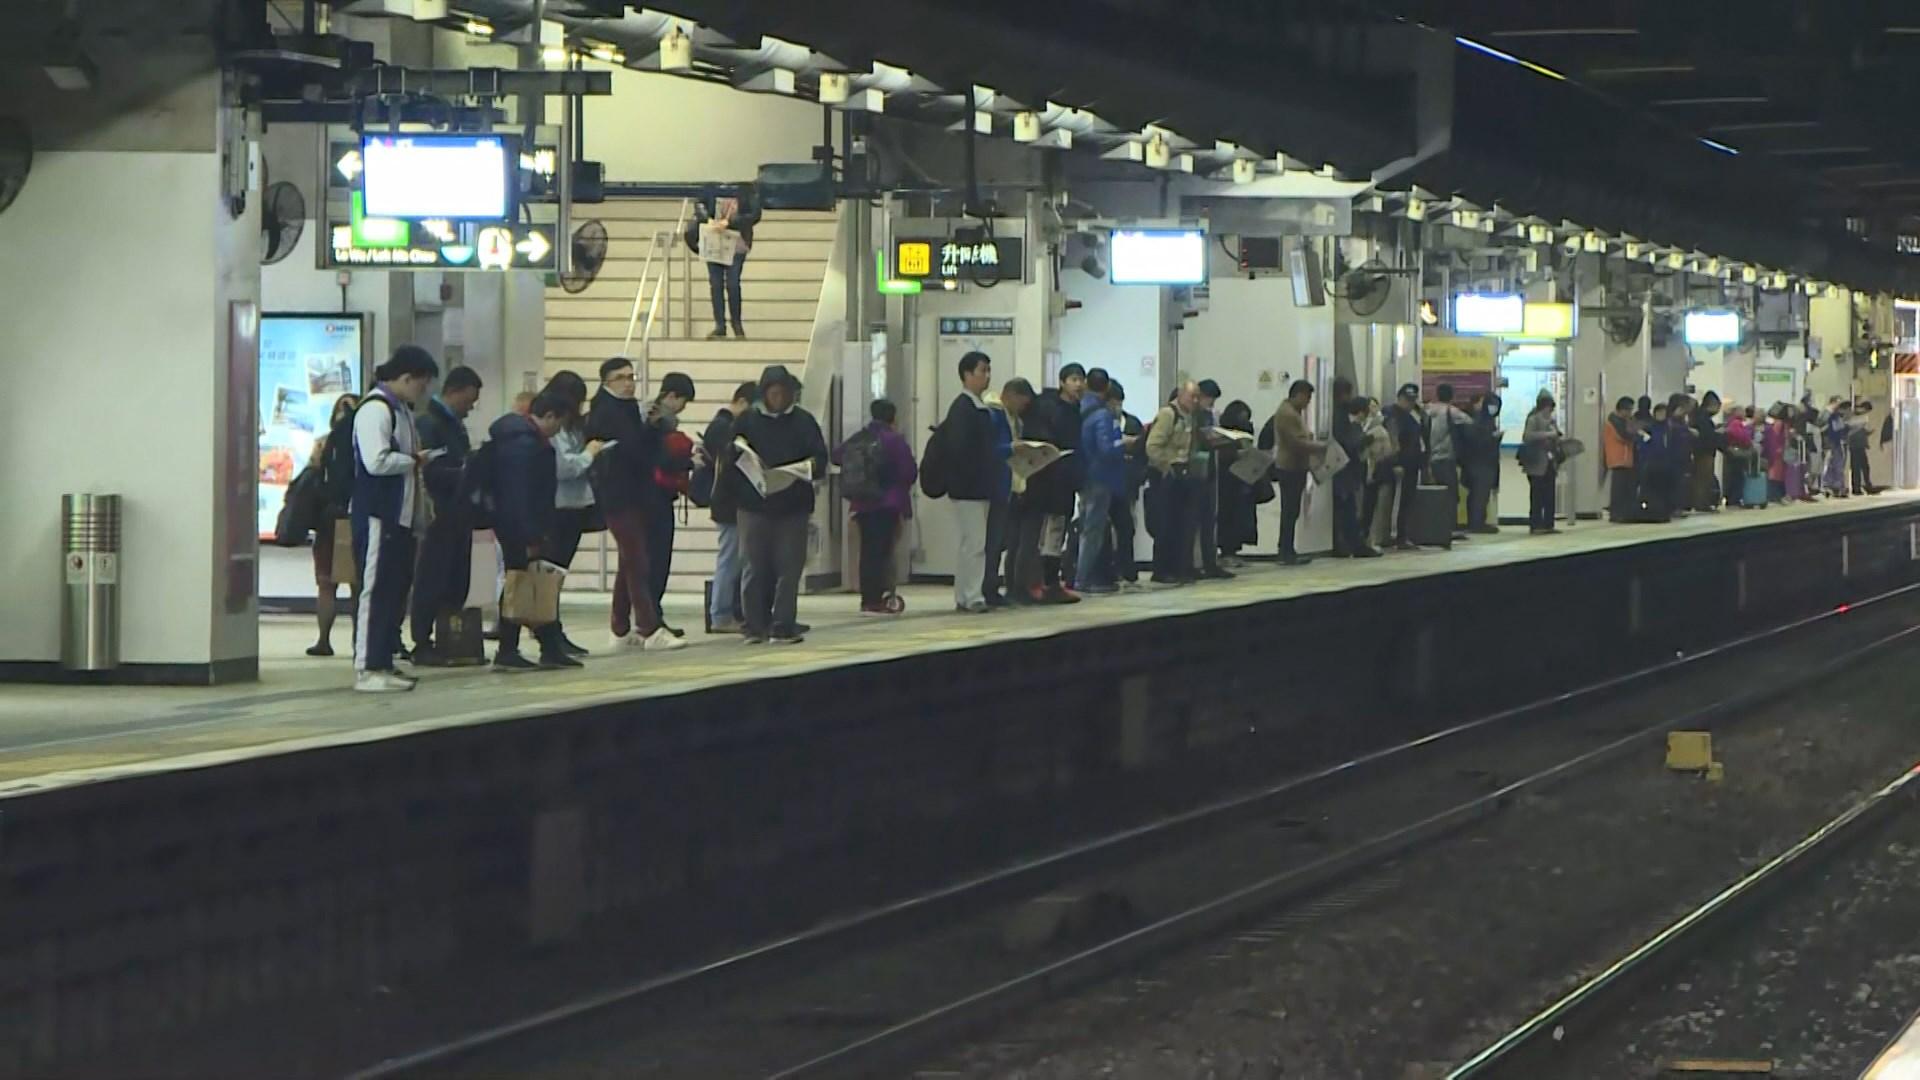 港鐵數車站曾有人向路軌或電線投擲雜物